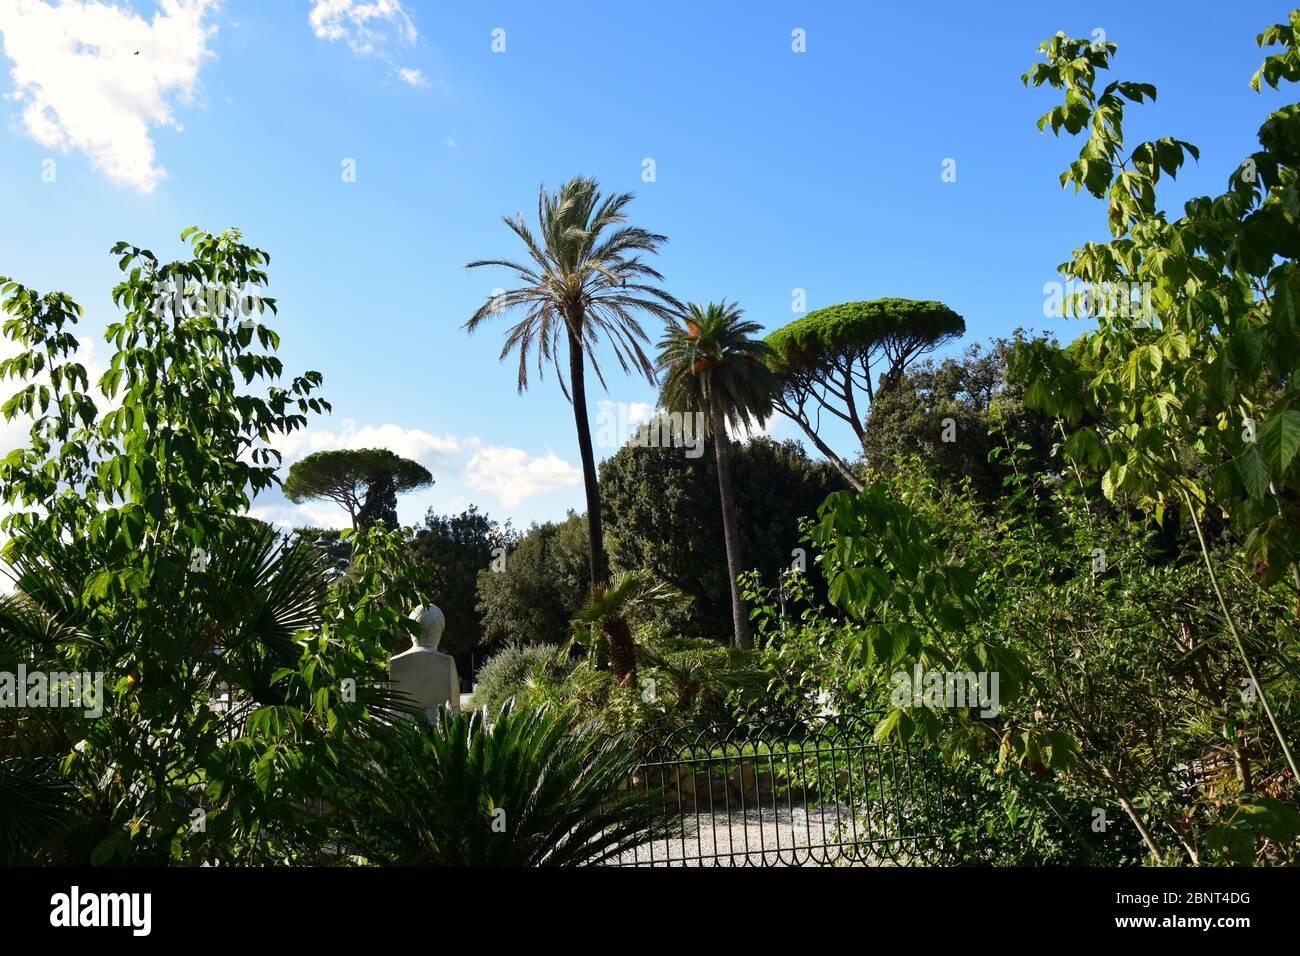 Balconata del Pincio in Villa Borghese in the city of Rome, Italy Stock Photo